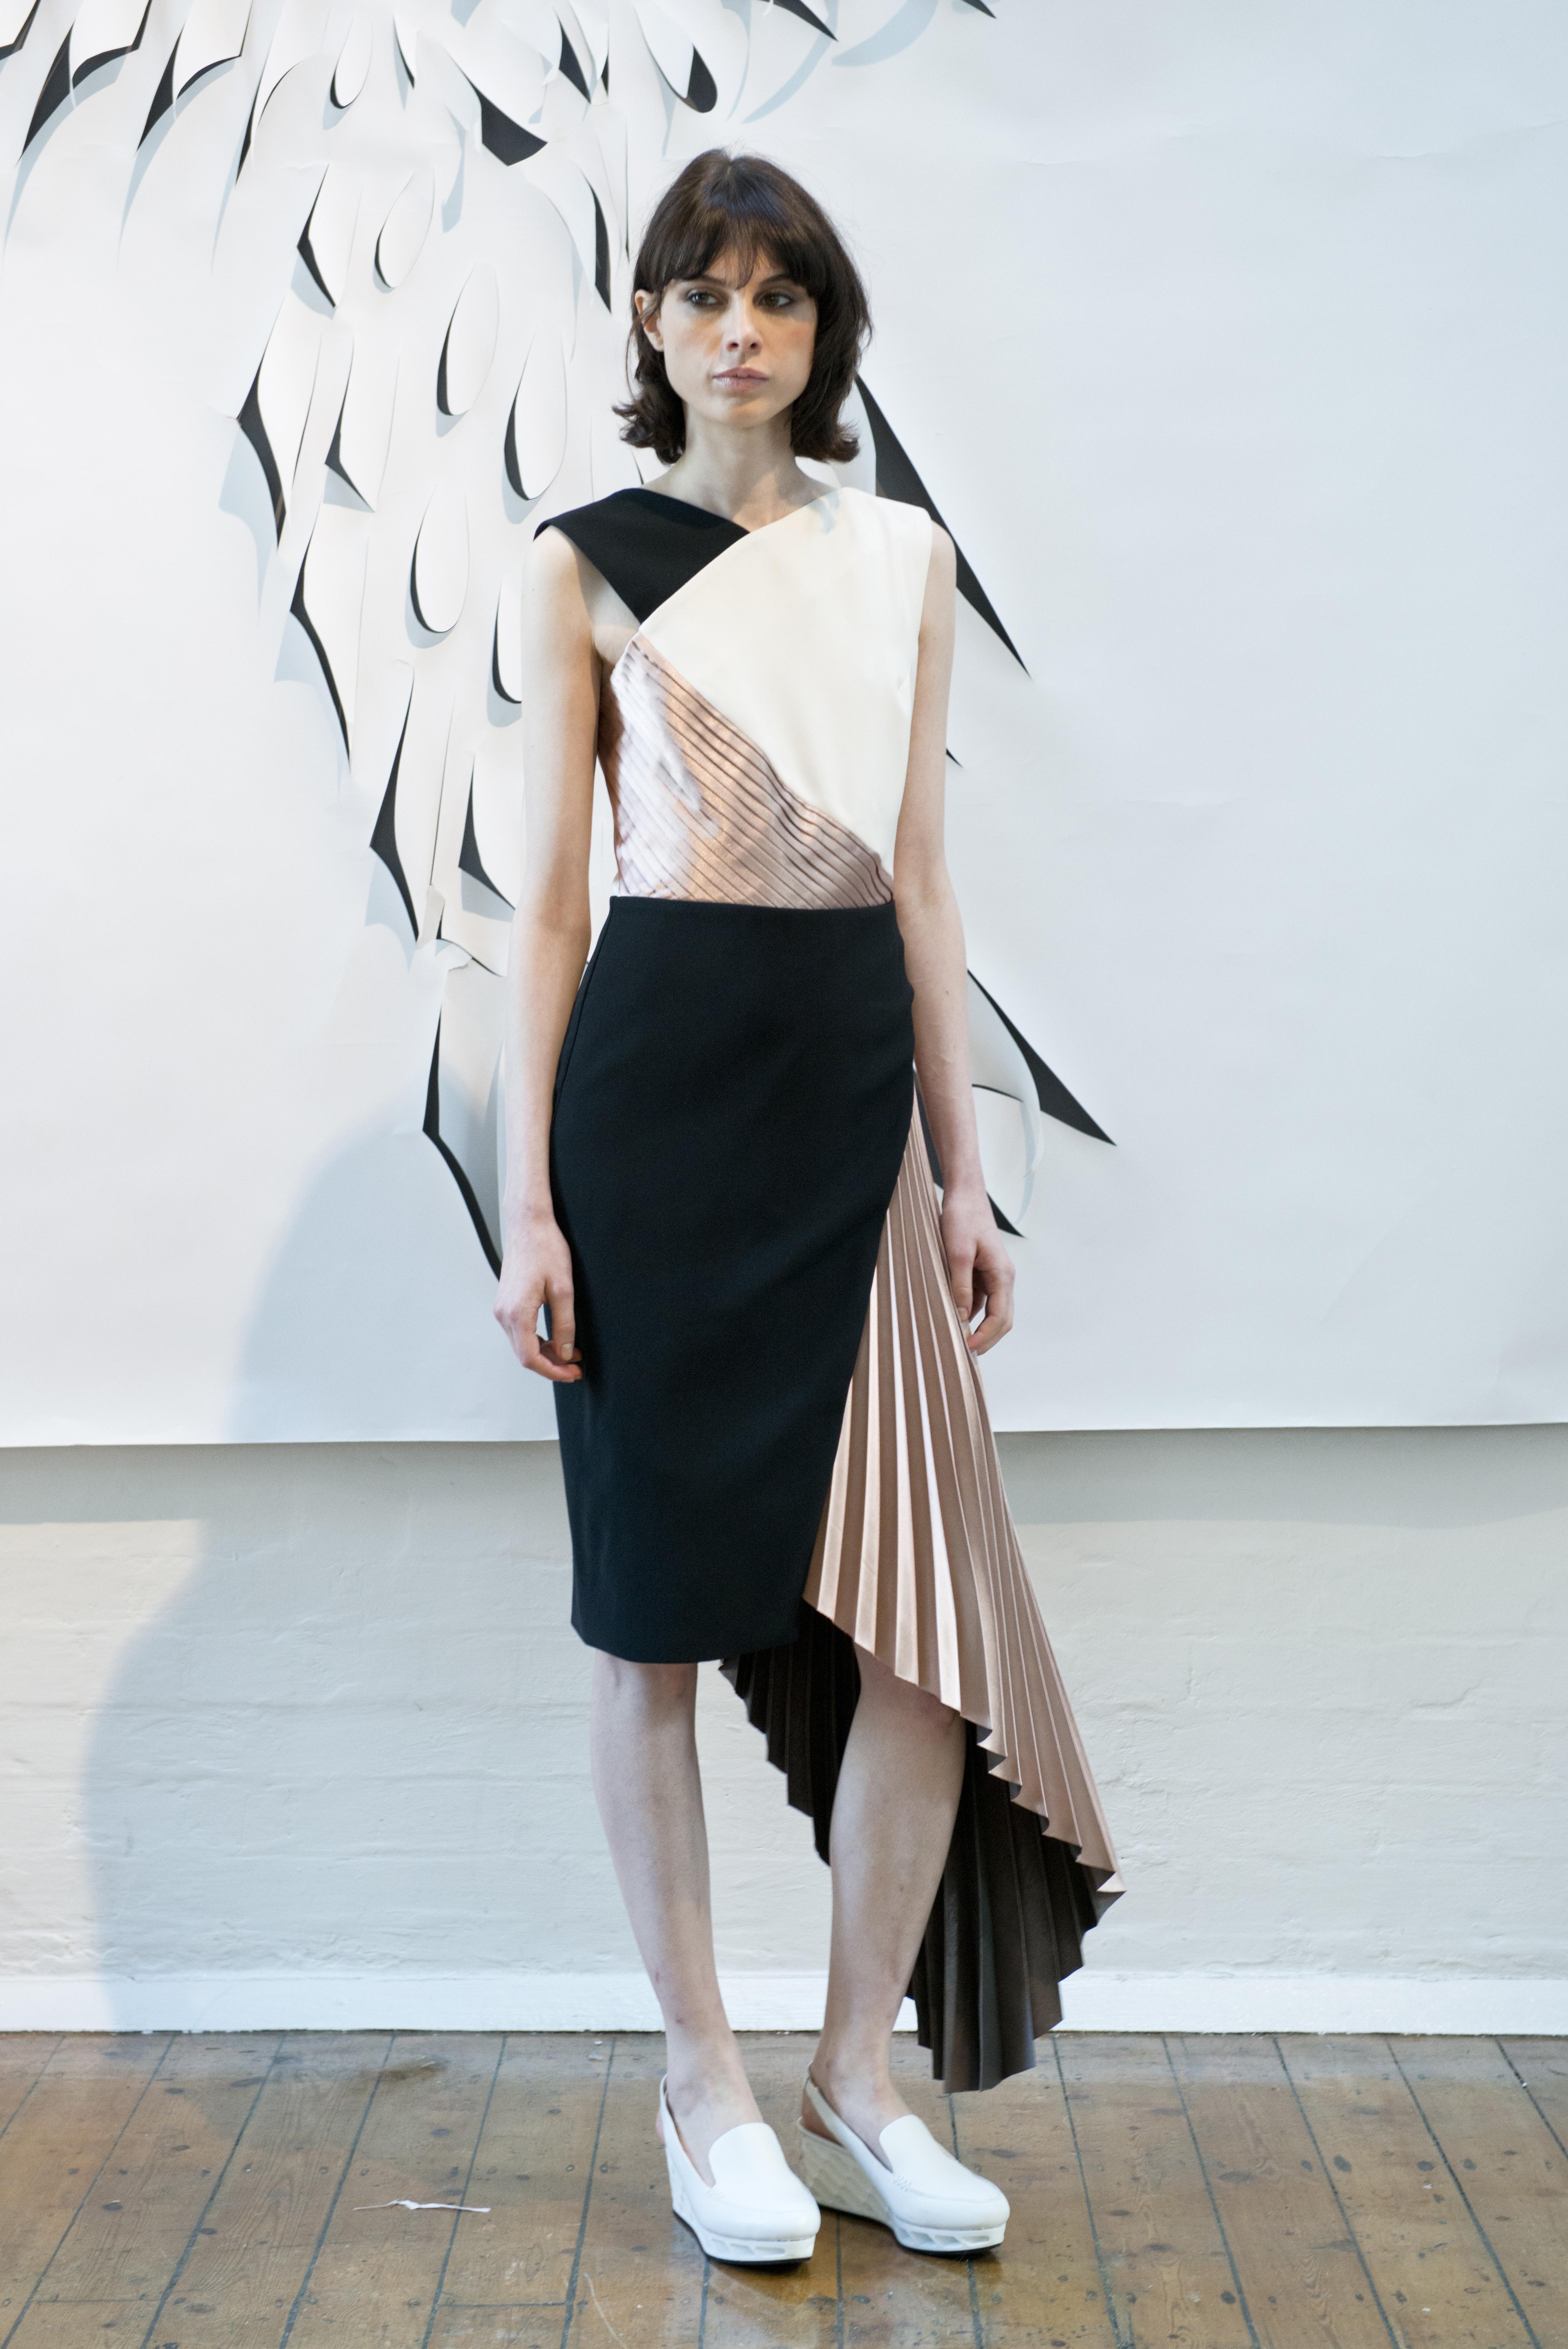 Models at london fashion week 64